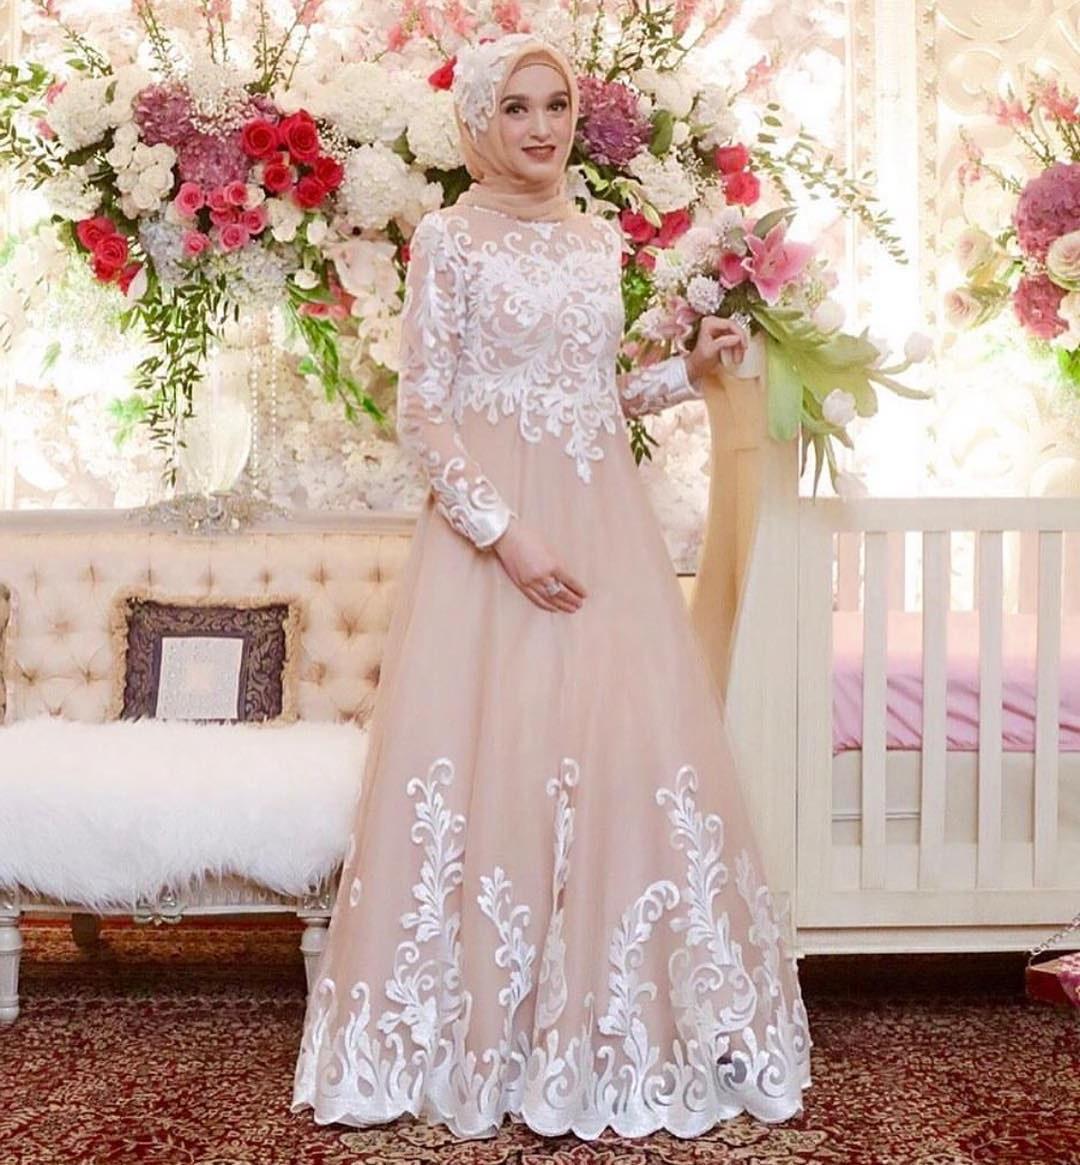 Bentuk Gamis Pernikahan Modern Jxdu Gamis Brokat Untuk Akad Nikah